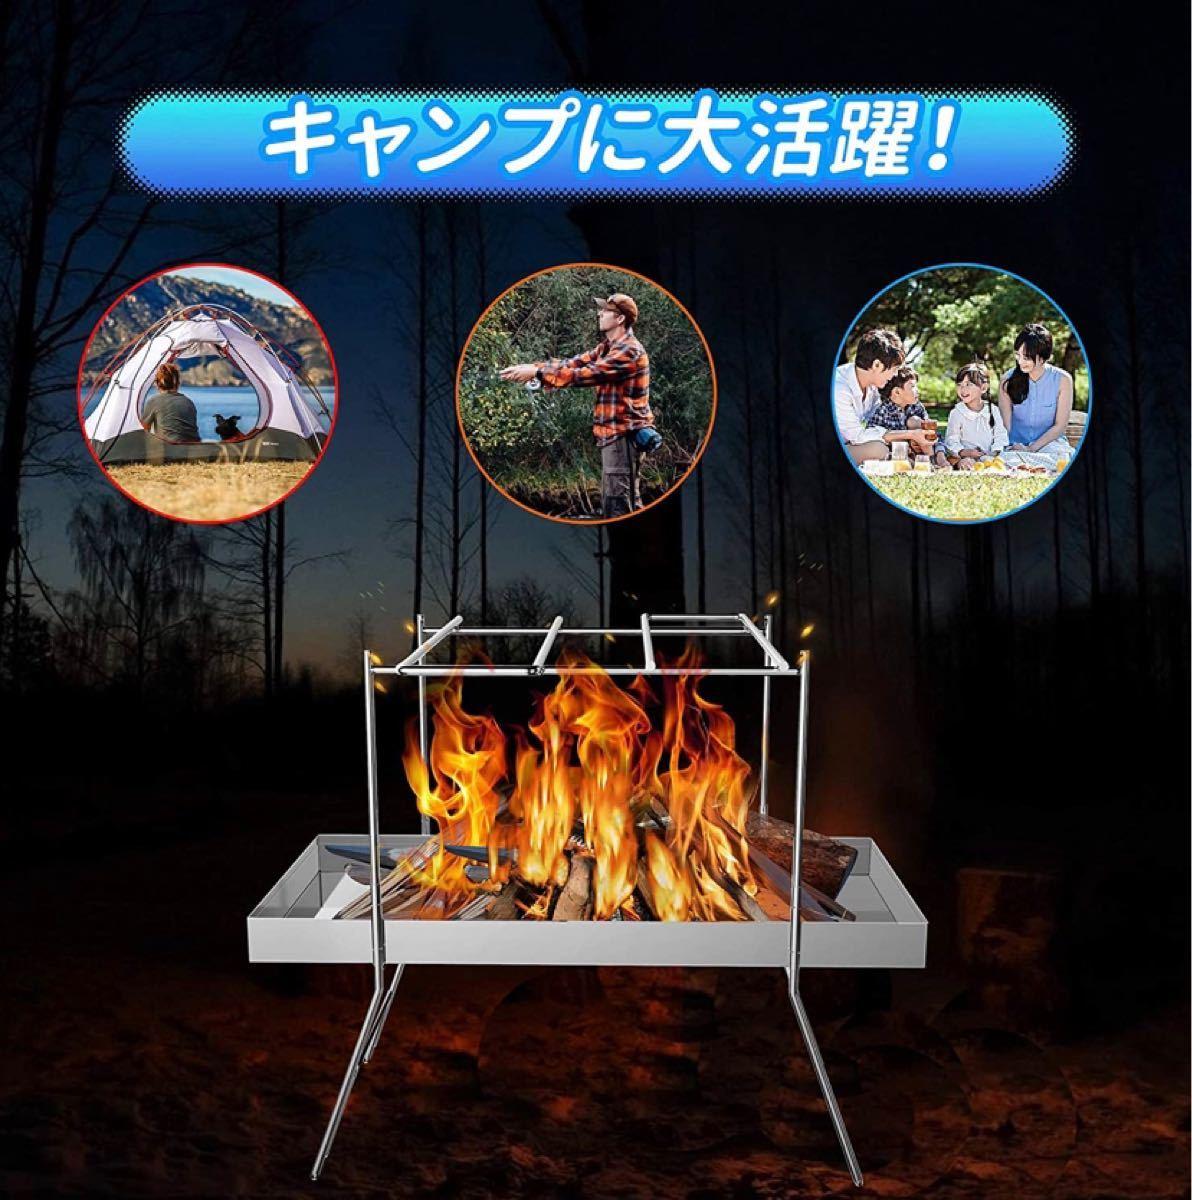 焚き火台 1台2役 BangLede バーベキューコンロ 携帯便利 折り畳み式 焚火台 軽量 キャンプ用品